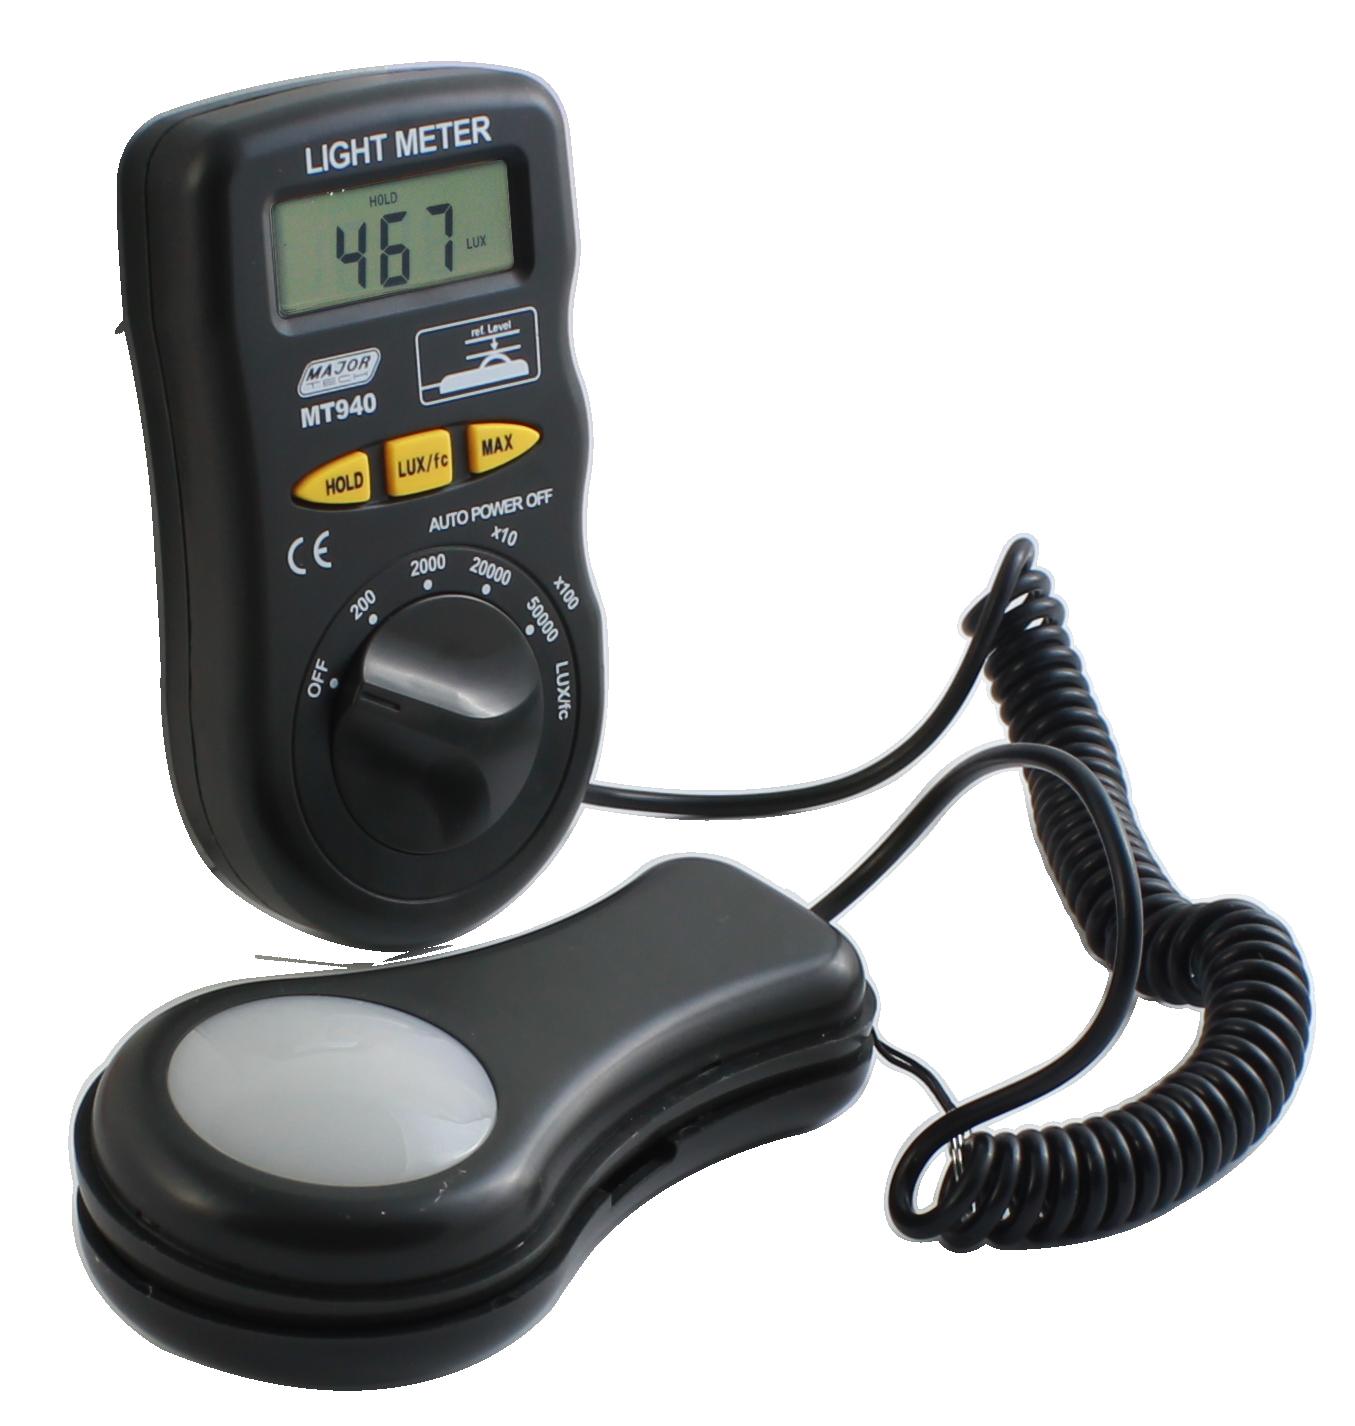 Digital Light Meter (MT940) - Major Tech